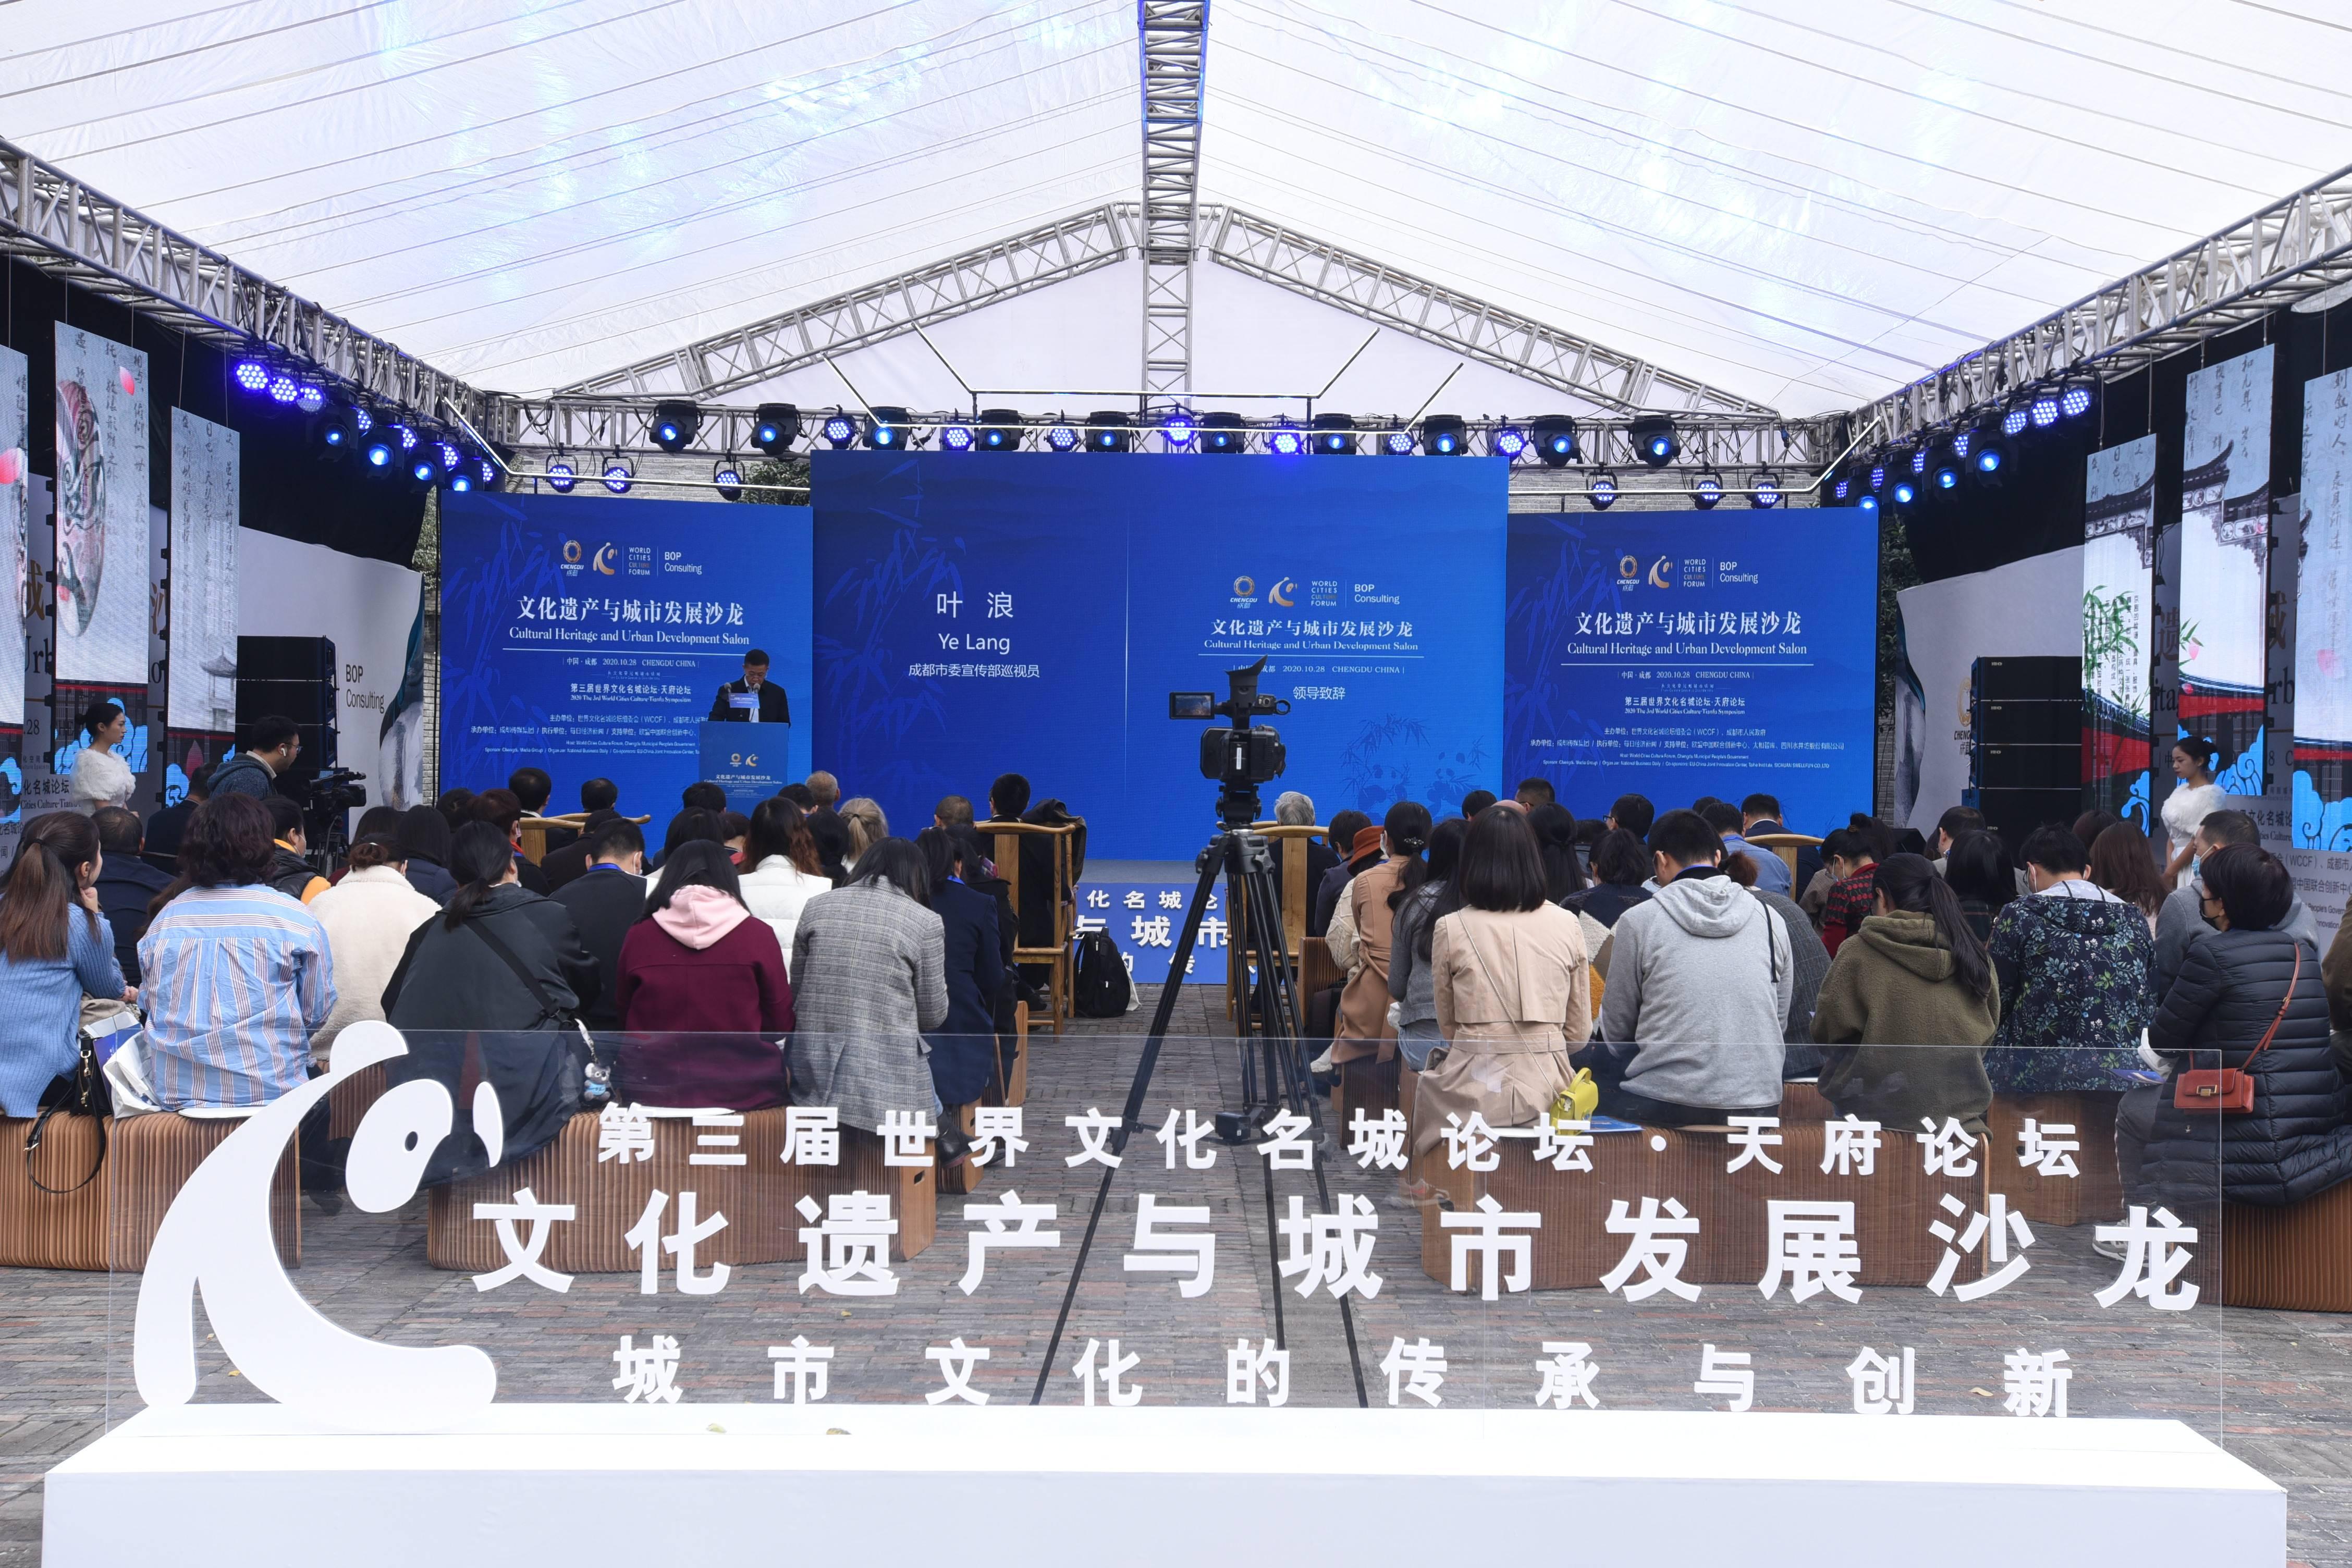 第三届世界文化名城论坛·天府论坛启幕